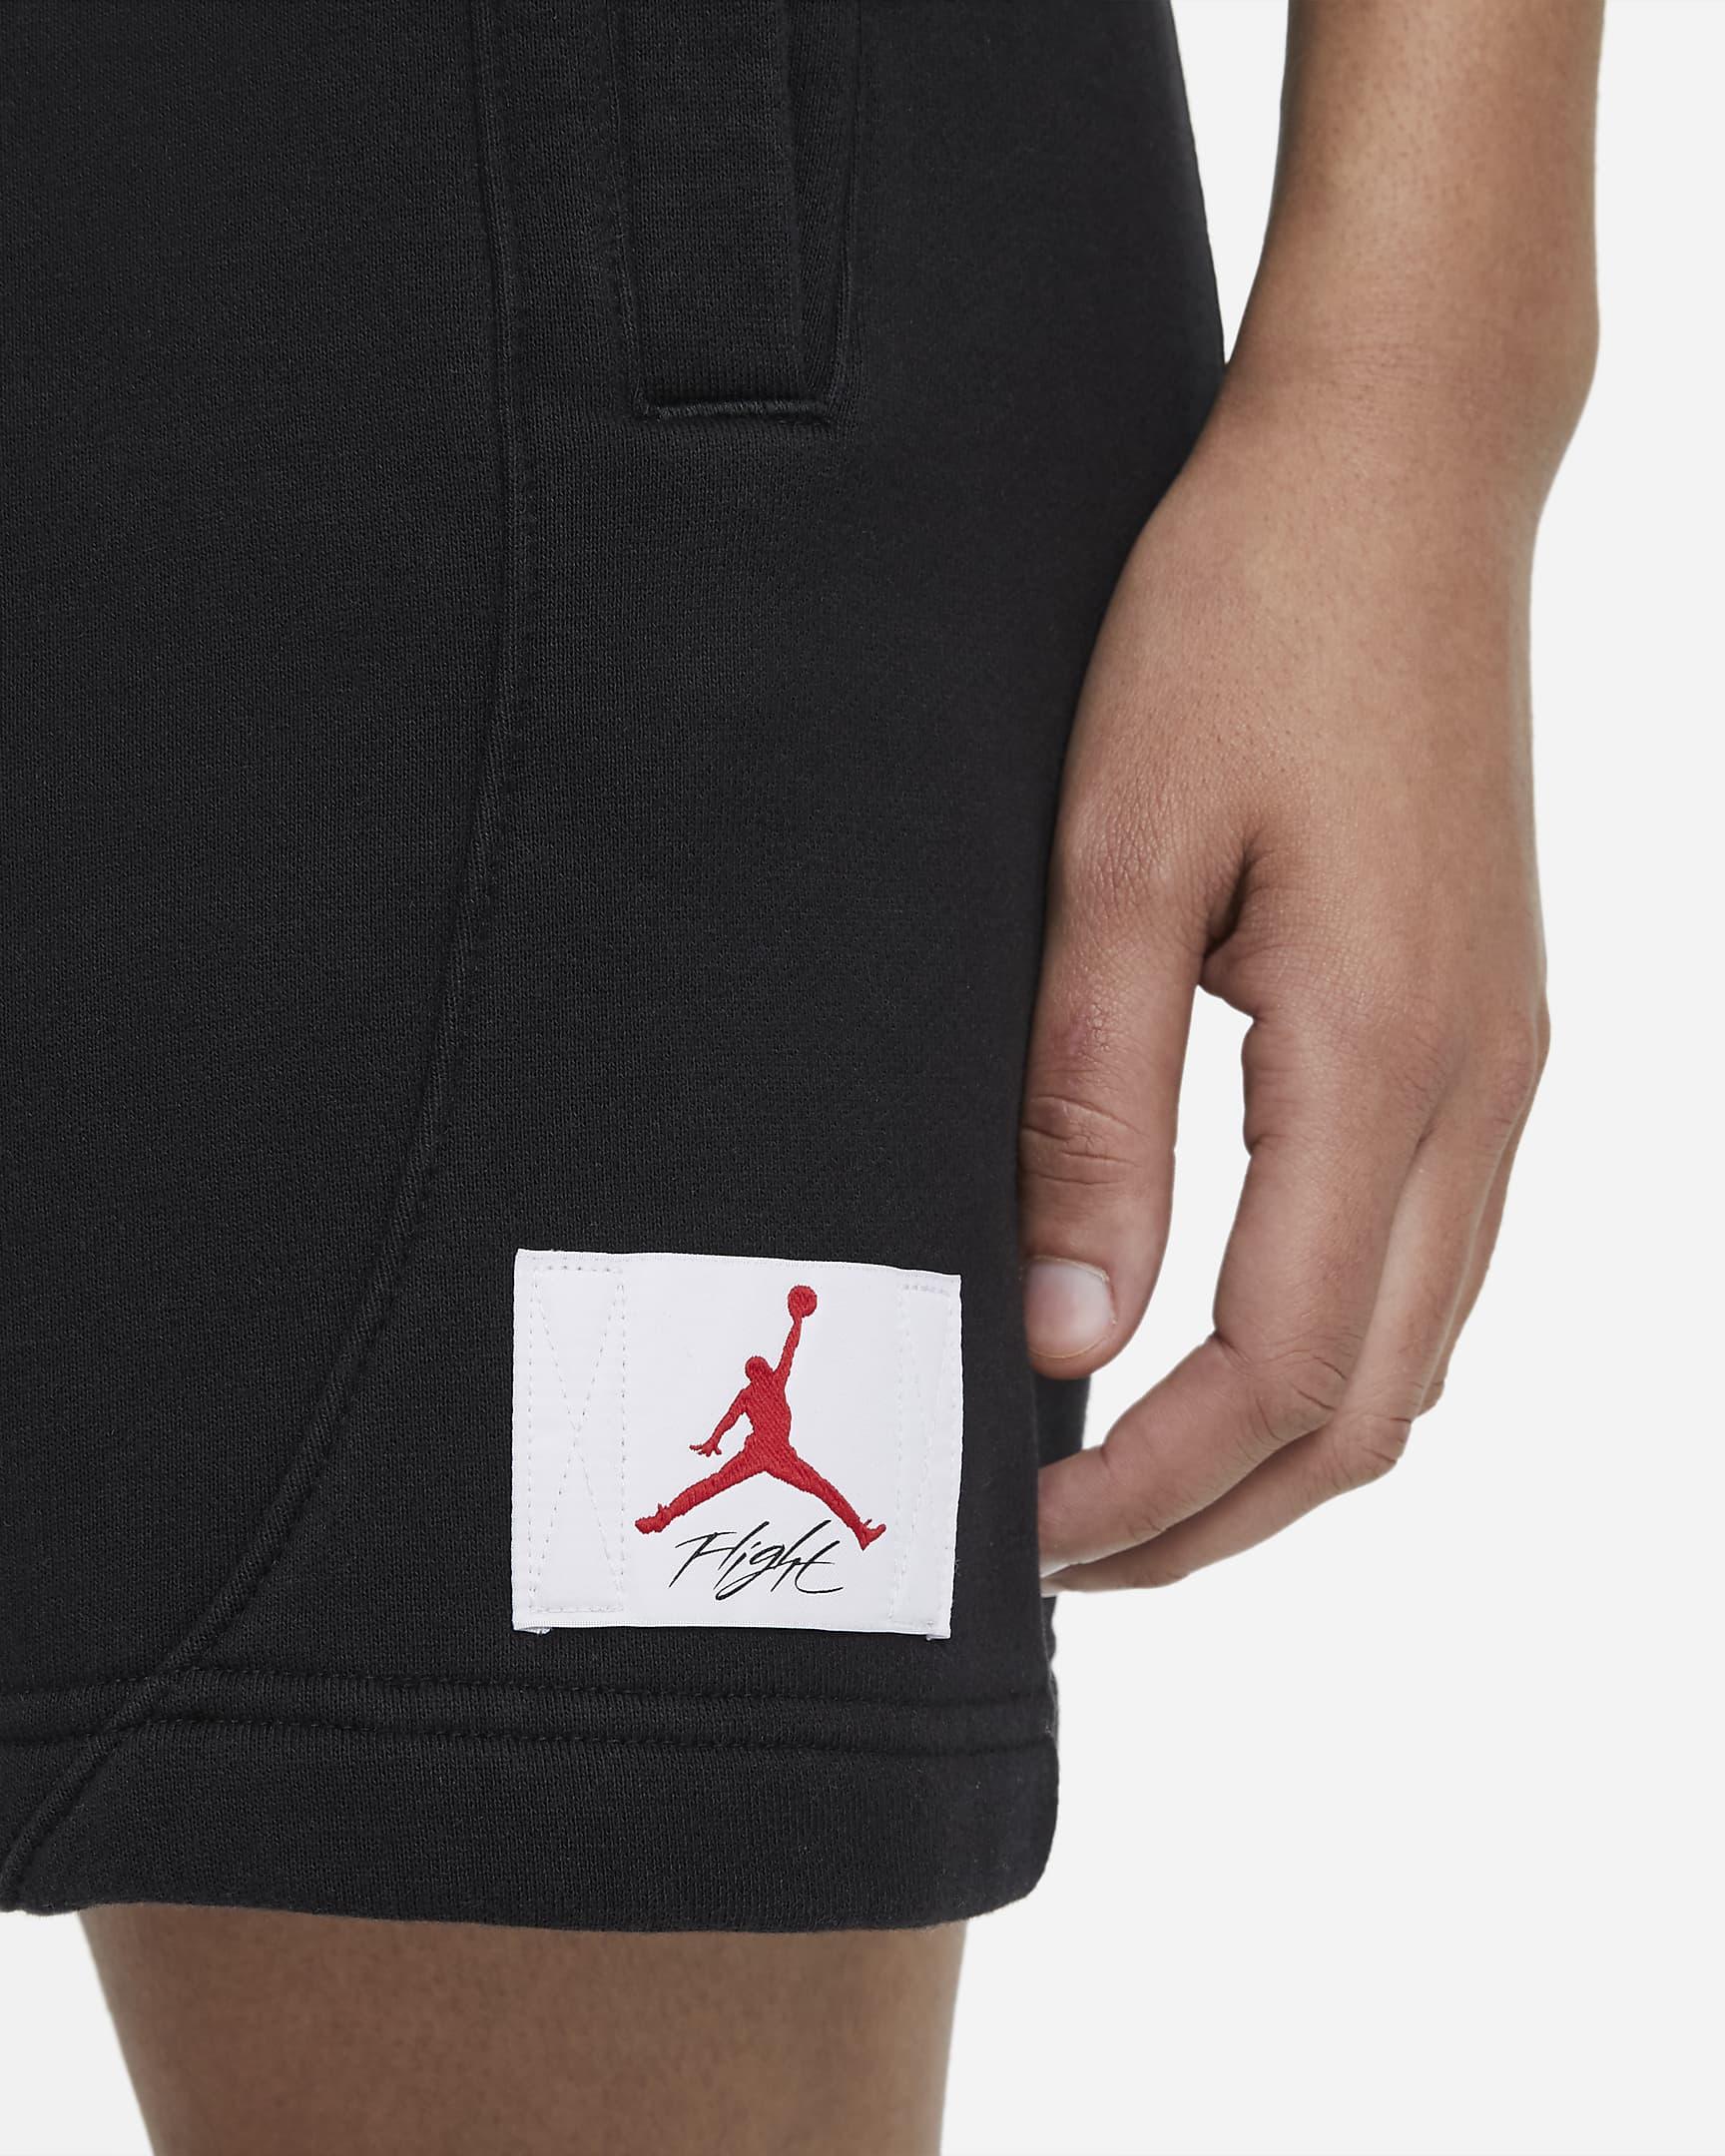 jordan-flight-womens-fleece-shorts-zDGn42-1.png